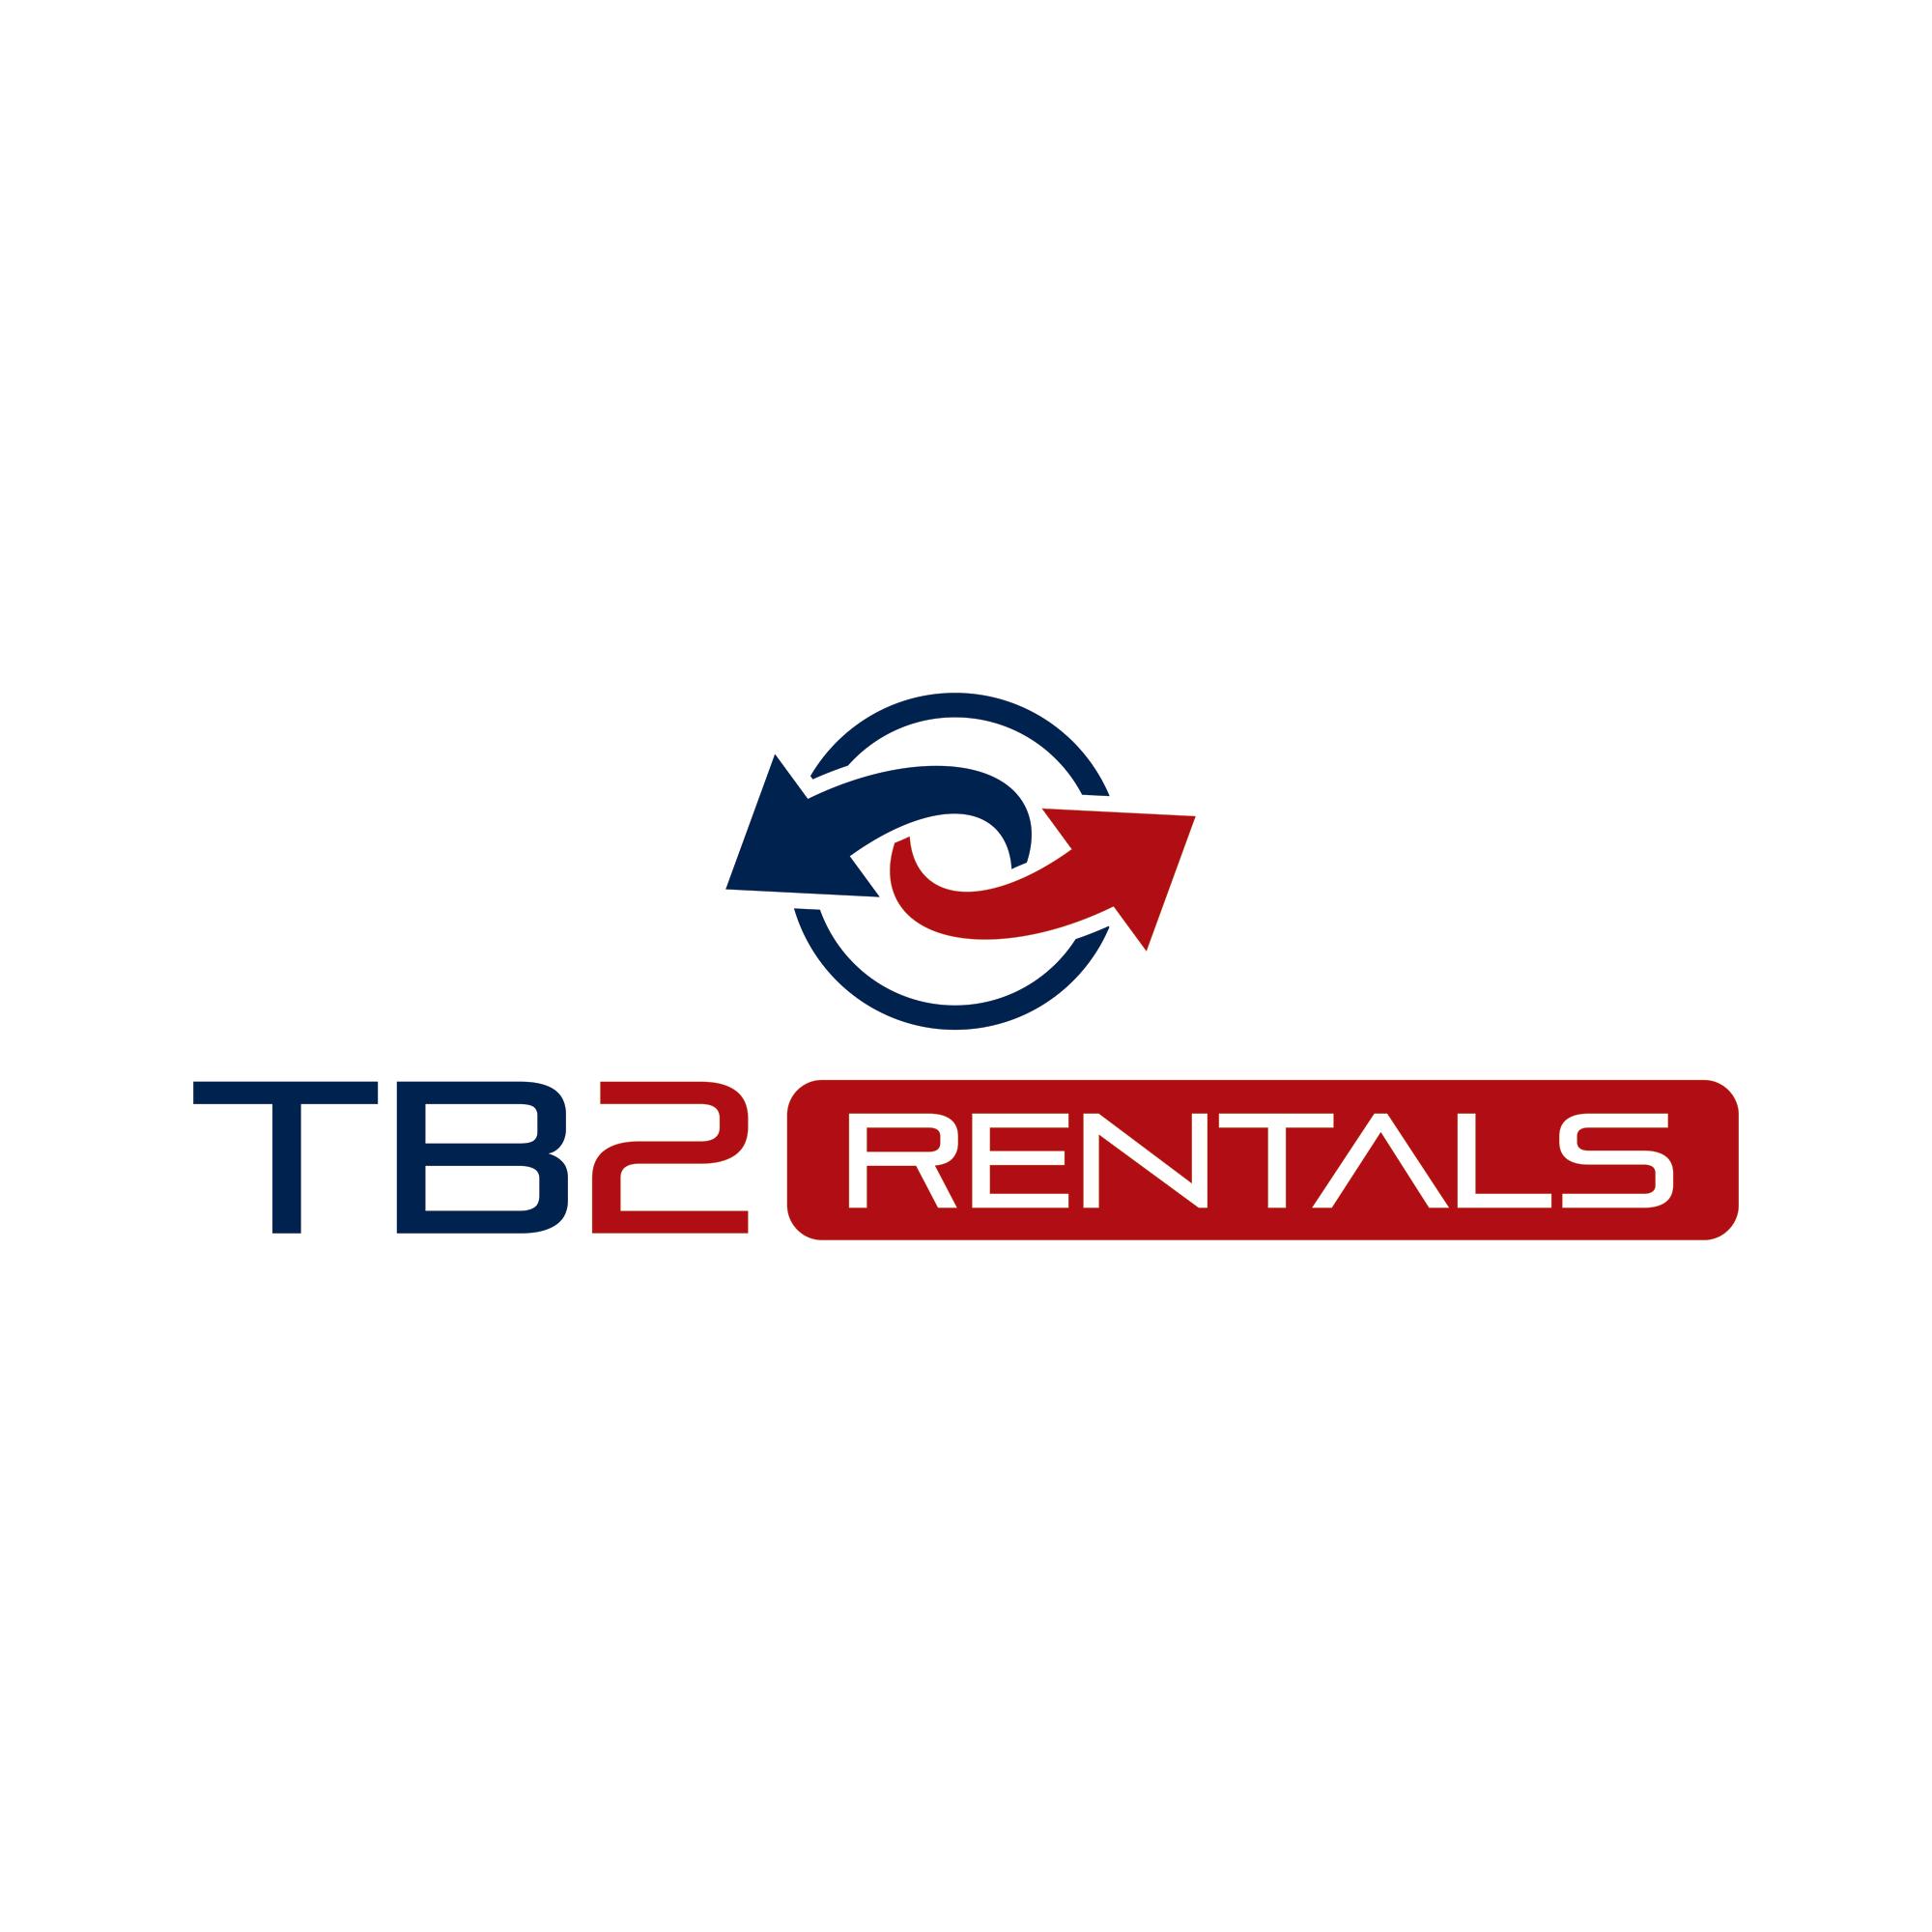 TB2 Rentals